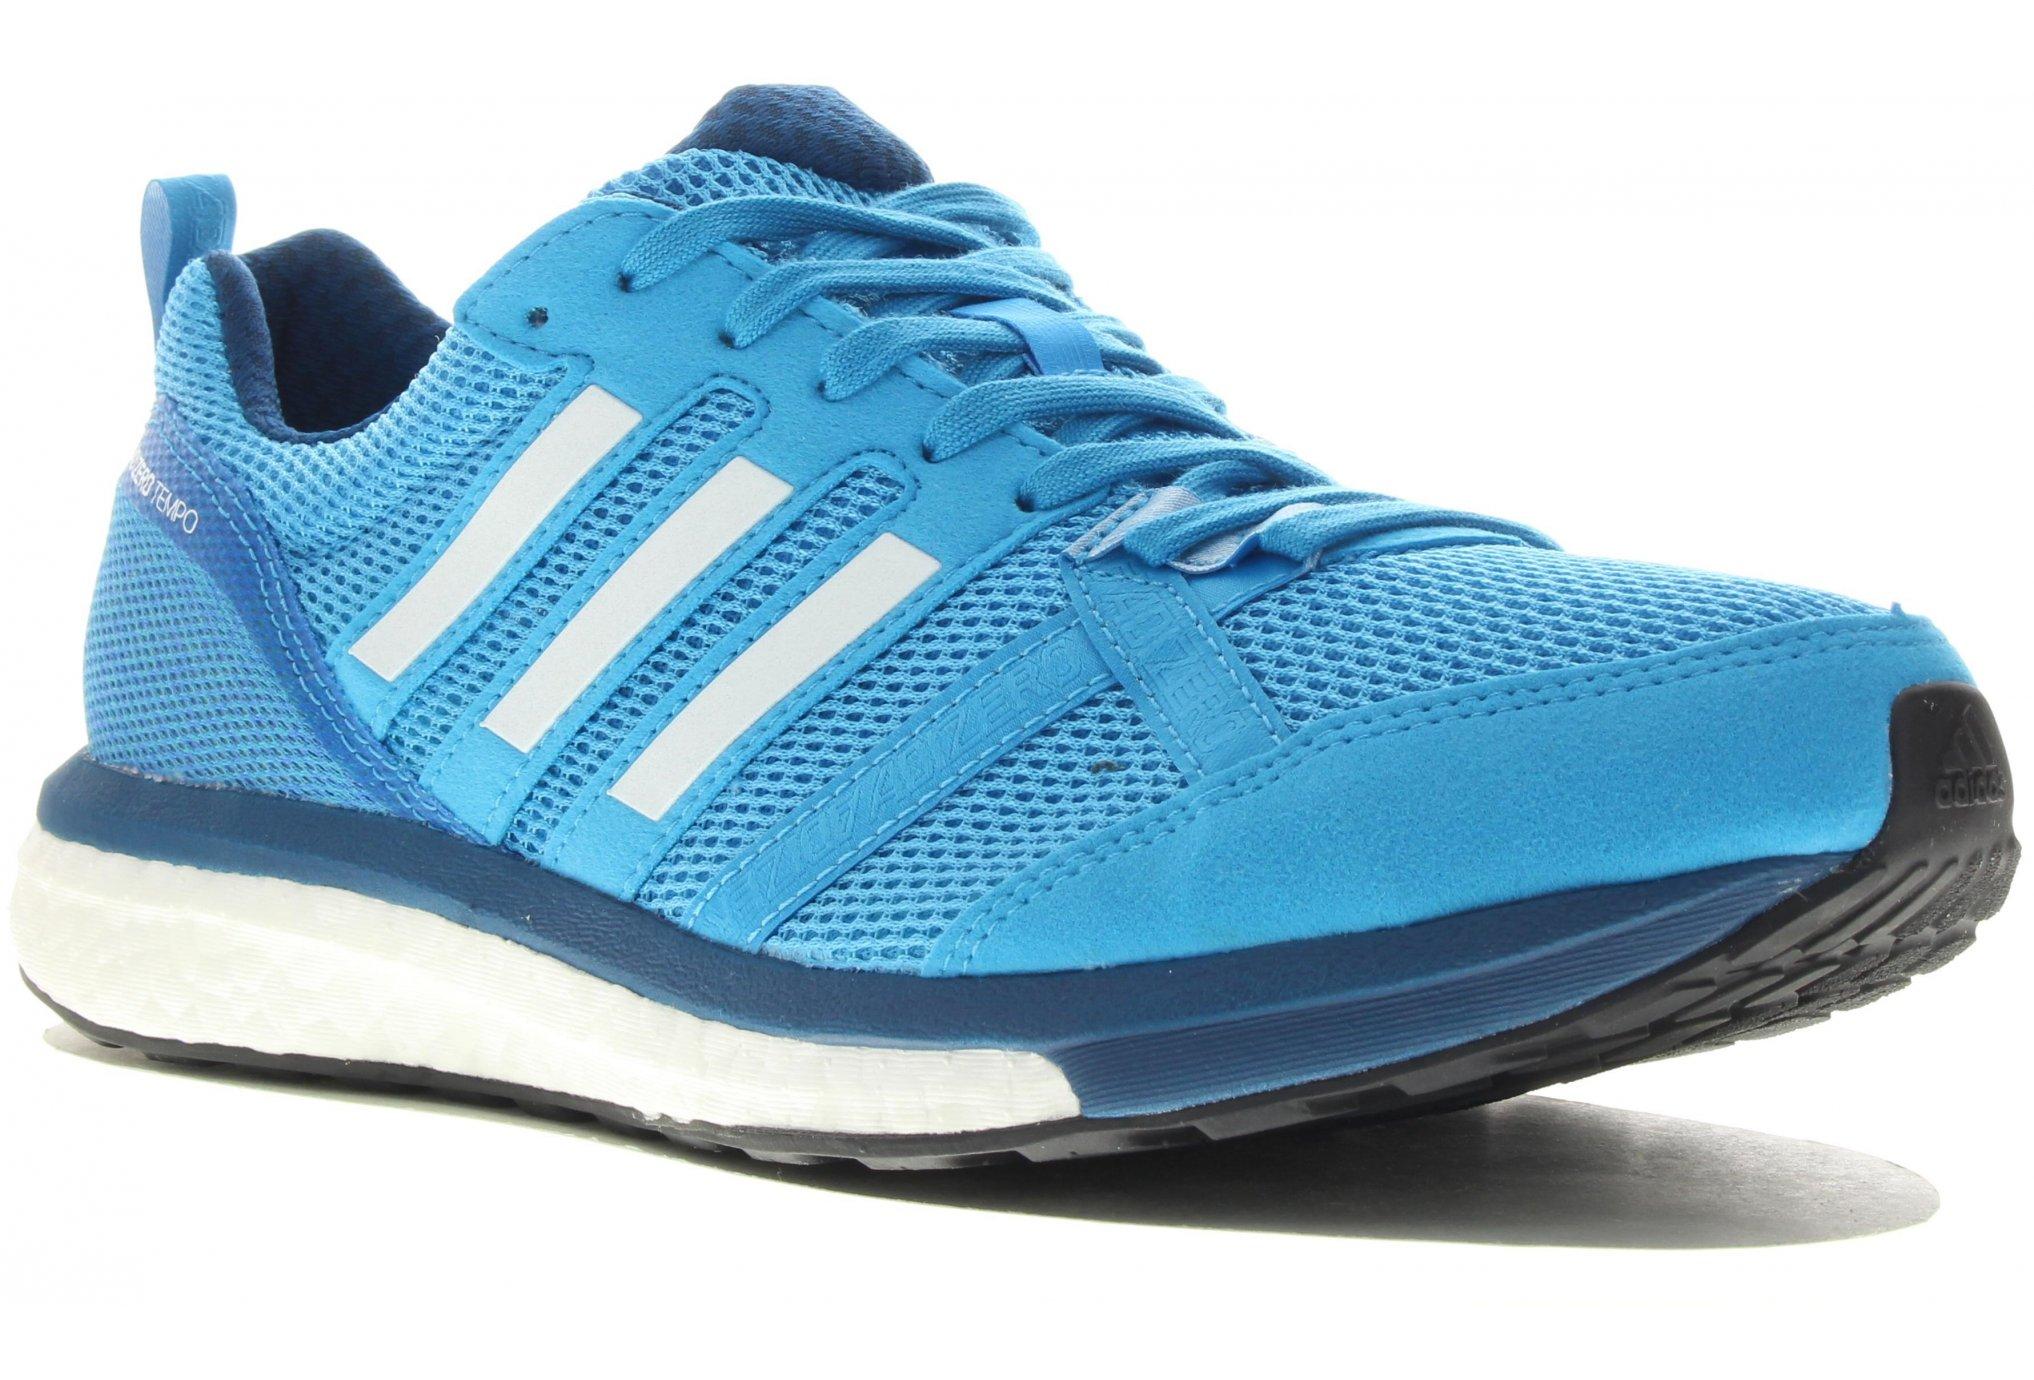 Adidas Adizero tempo 9 m diététique chaussures homme